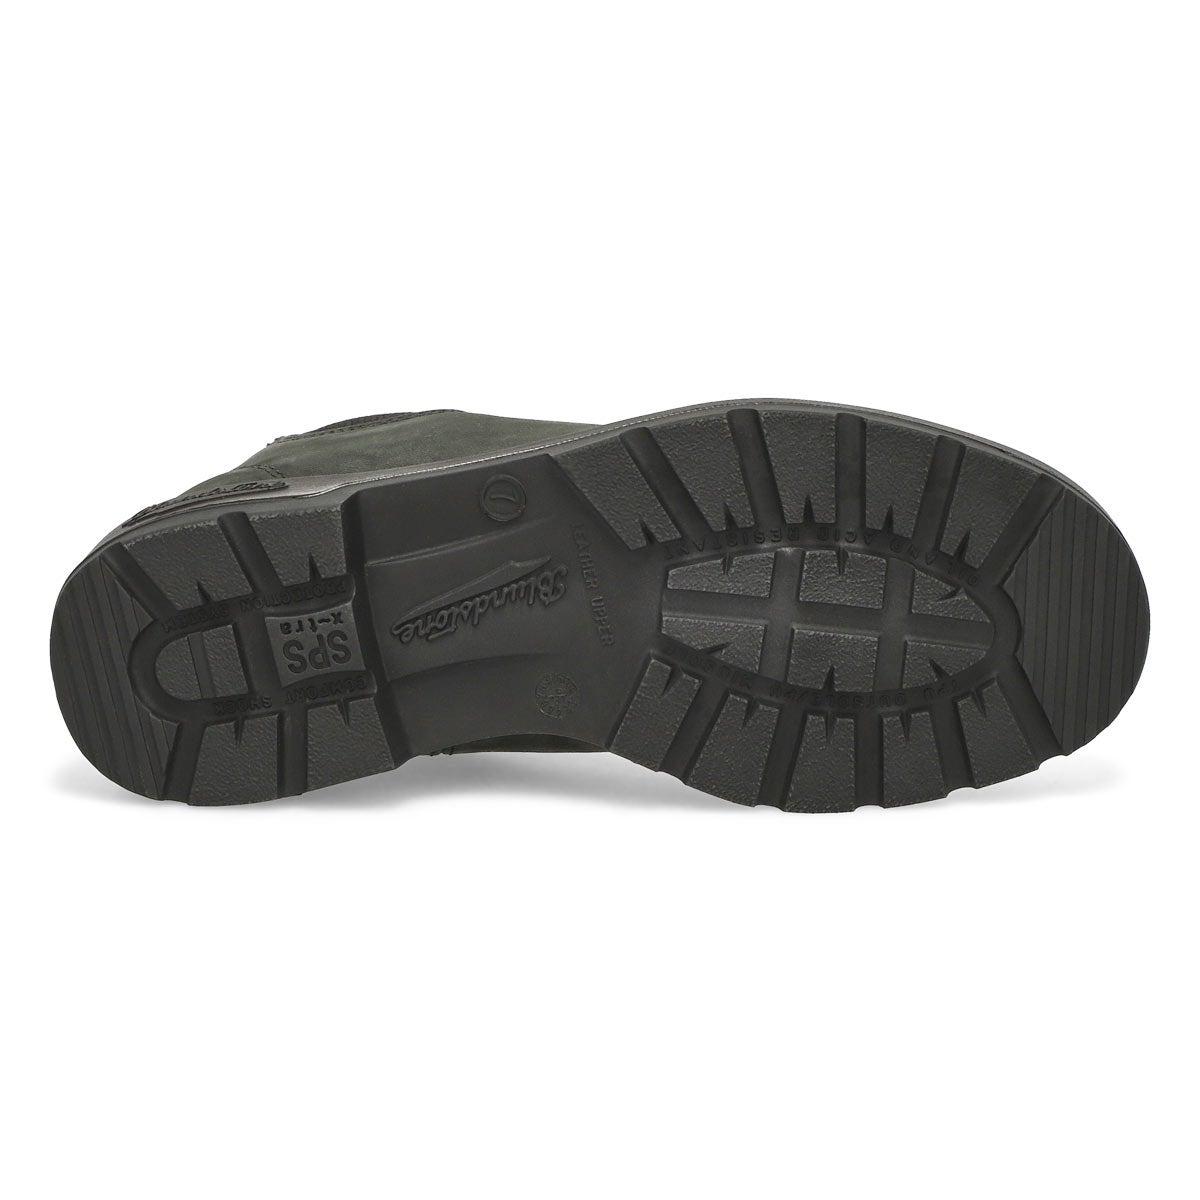 Unisex 587 Series Rustic - Black